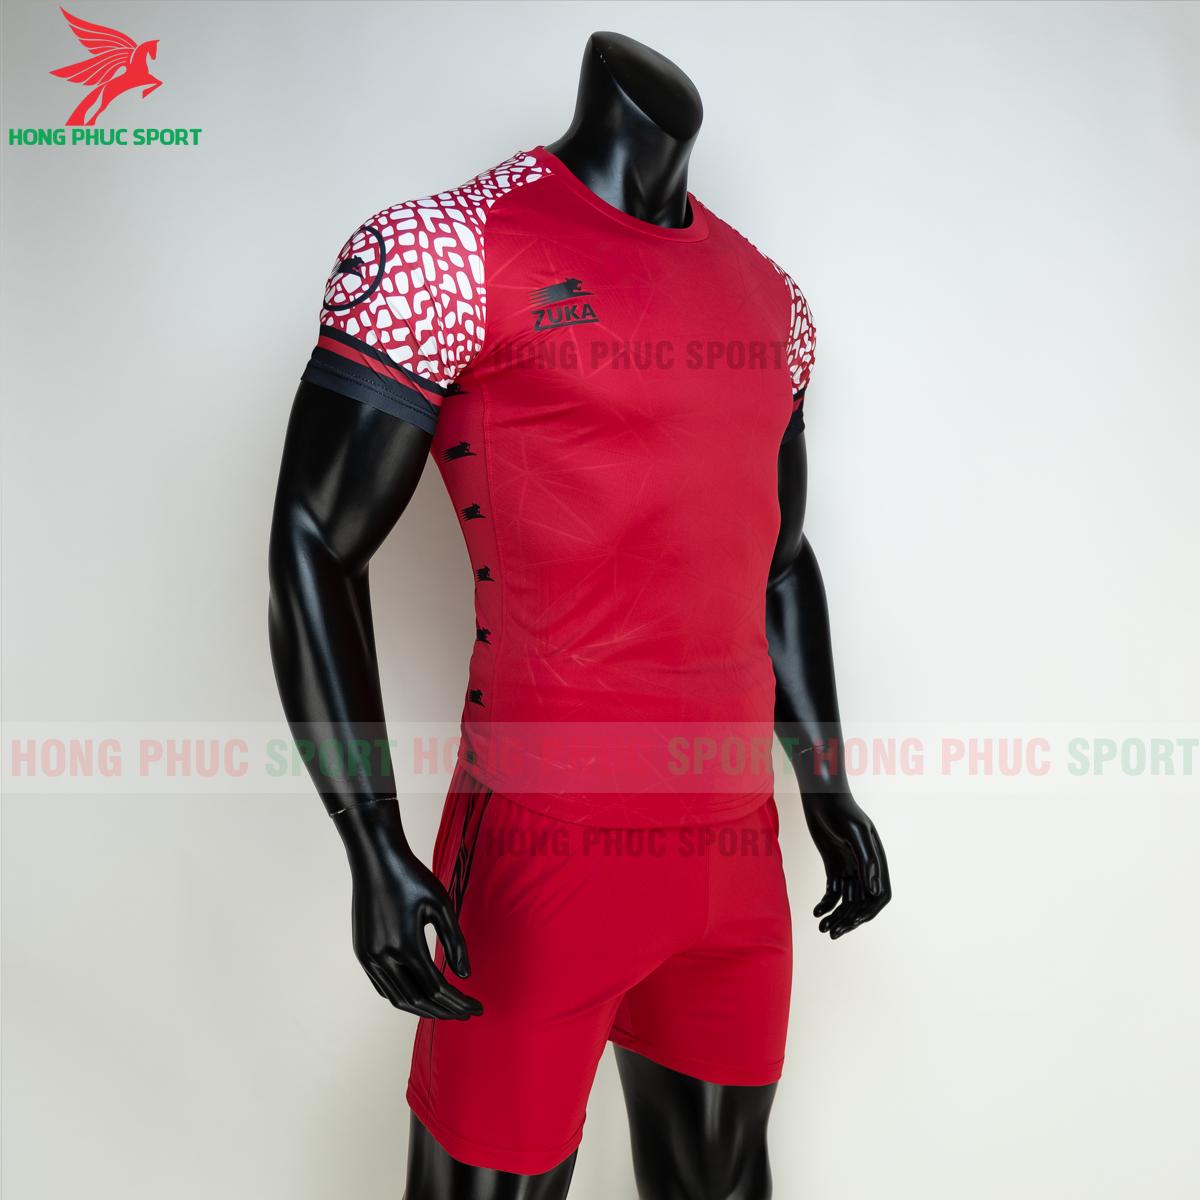 Áo đá banh không logo ZUKA 02 2021 màu Đỏ (phải)